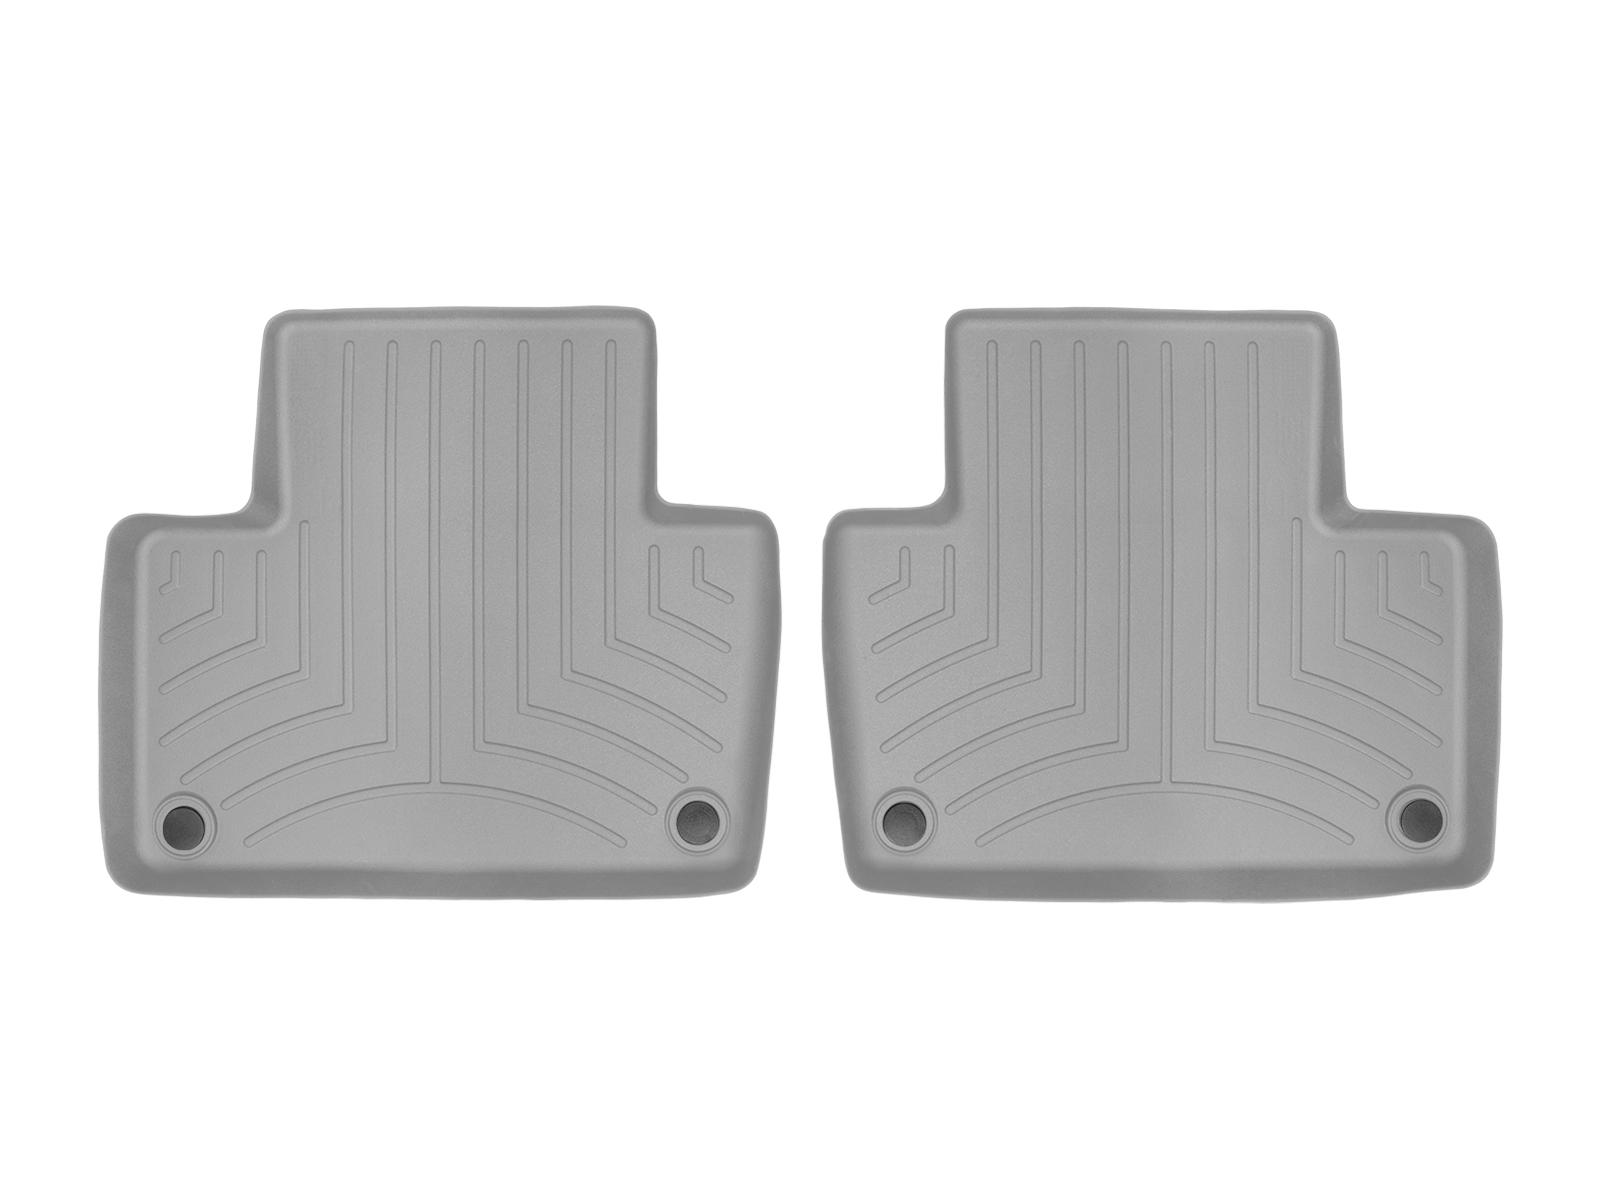 Tappeti gomma su misura bordo alto Volvo XC90 15>17 Grigio A4453*